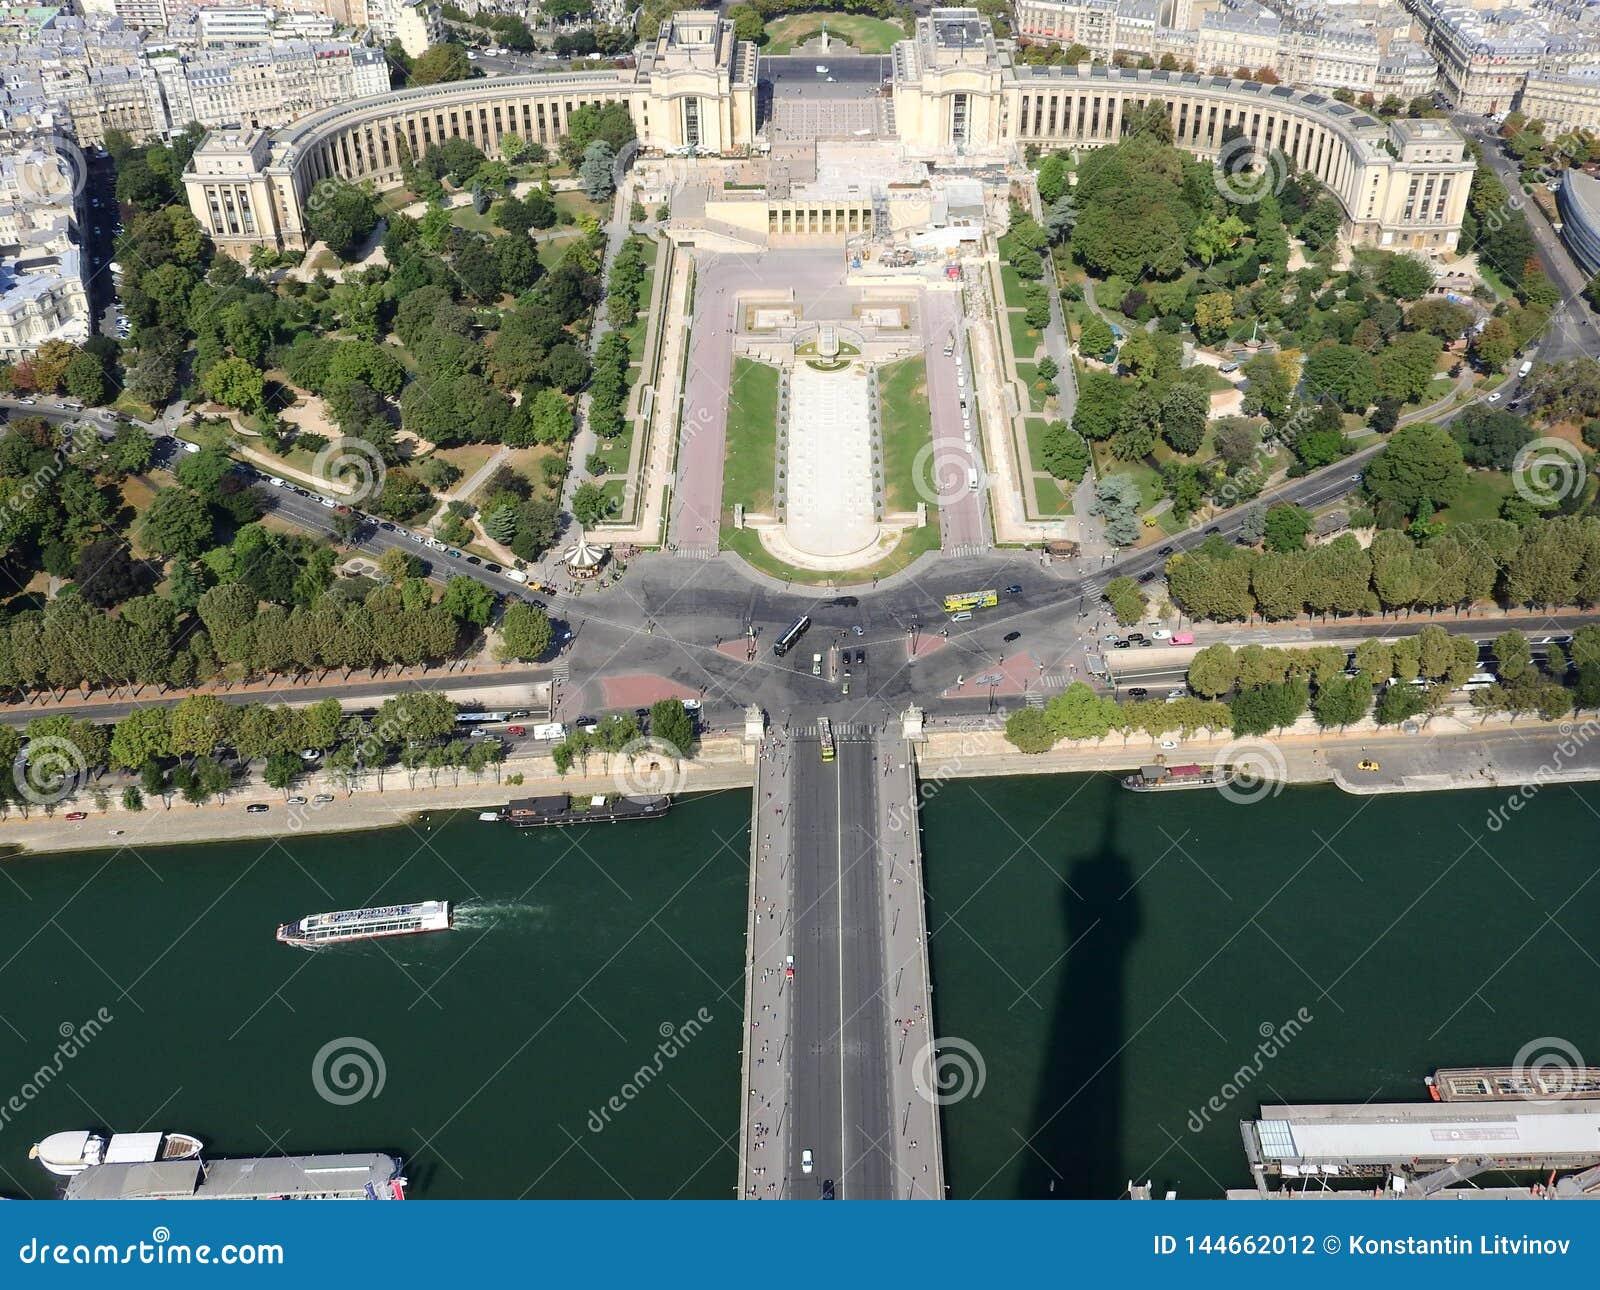 Η άποψη του Champ de Mars από την κορυφή του πύργου του Άιφελ που κοιτάζει κάτω βλέπει την ολόκληρη πόλη ως όμορφη κλασική αρχιτε